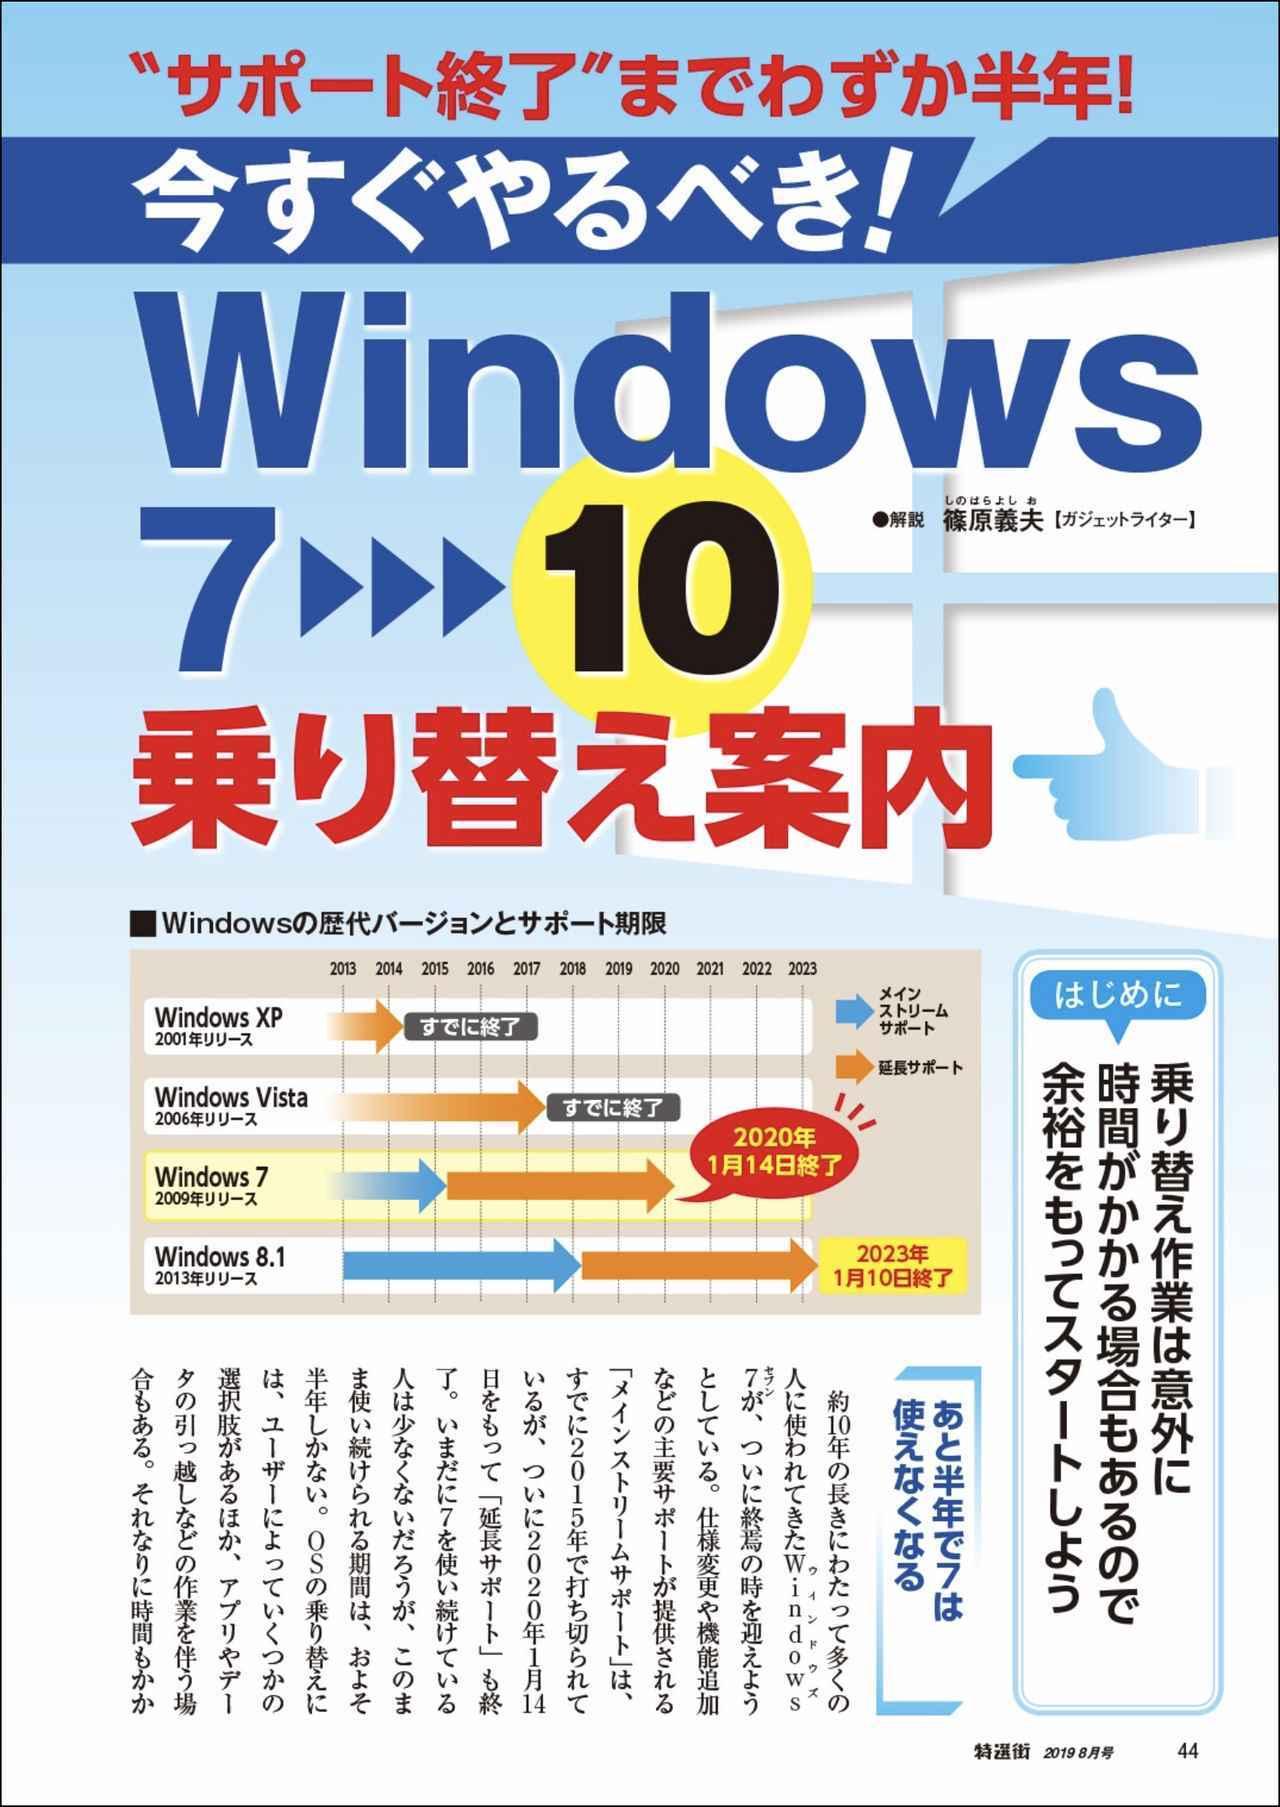 画像3: 『特選街』8月号が本日発売! 「Windows10再入門」「Windows7→10乗り替え案内」「無料アプリ大図鑑」「4Kテレビ辛口採点簿」